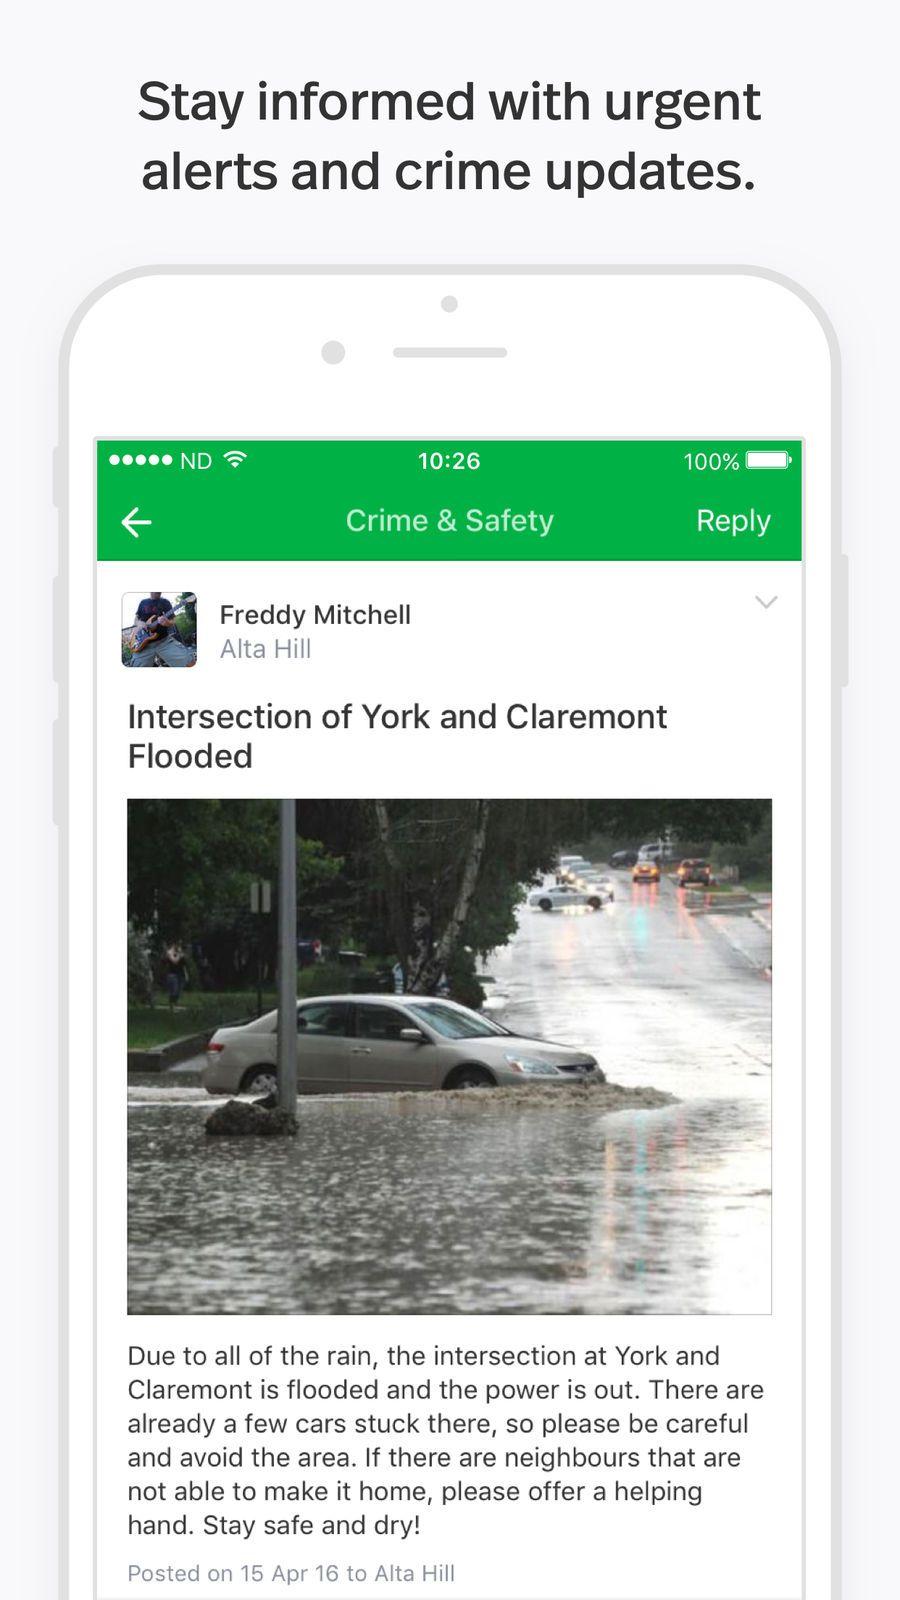 Nextdoor Neighborhood App